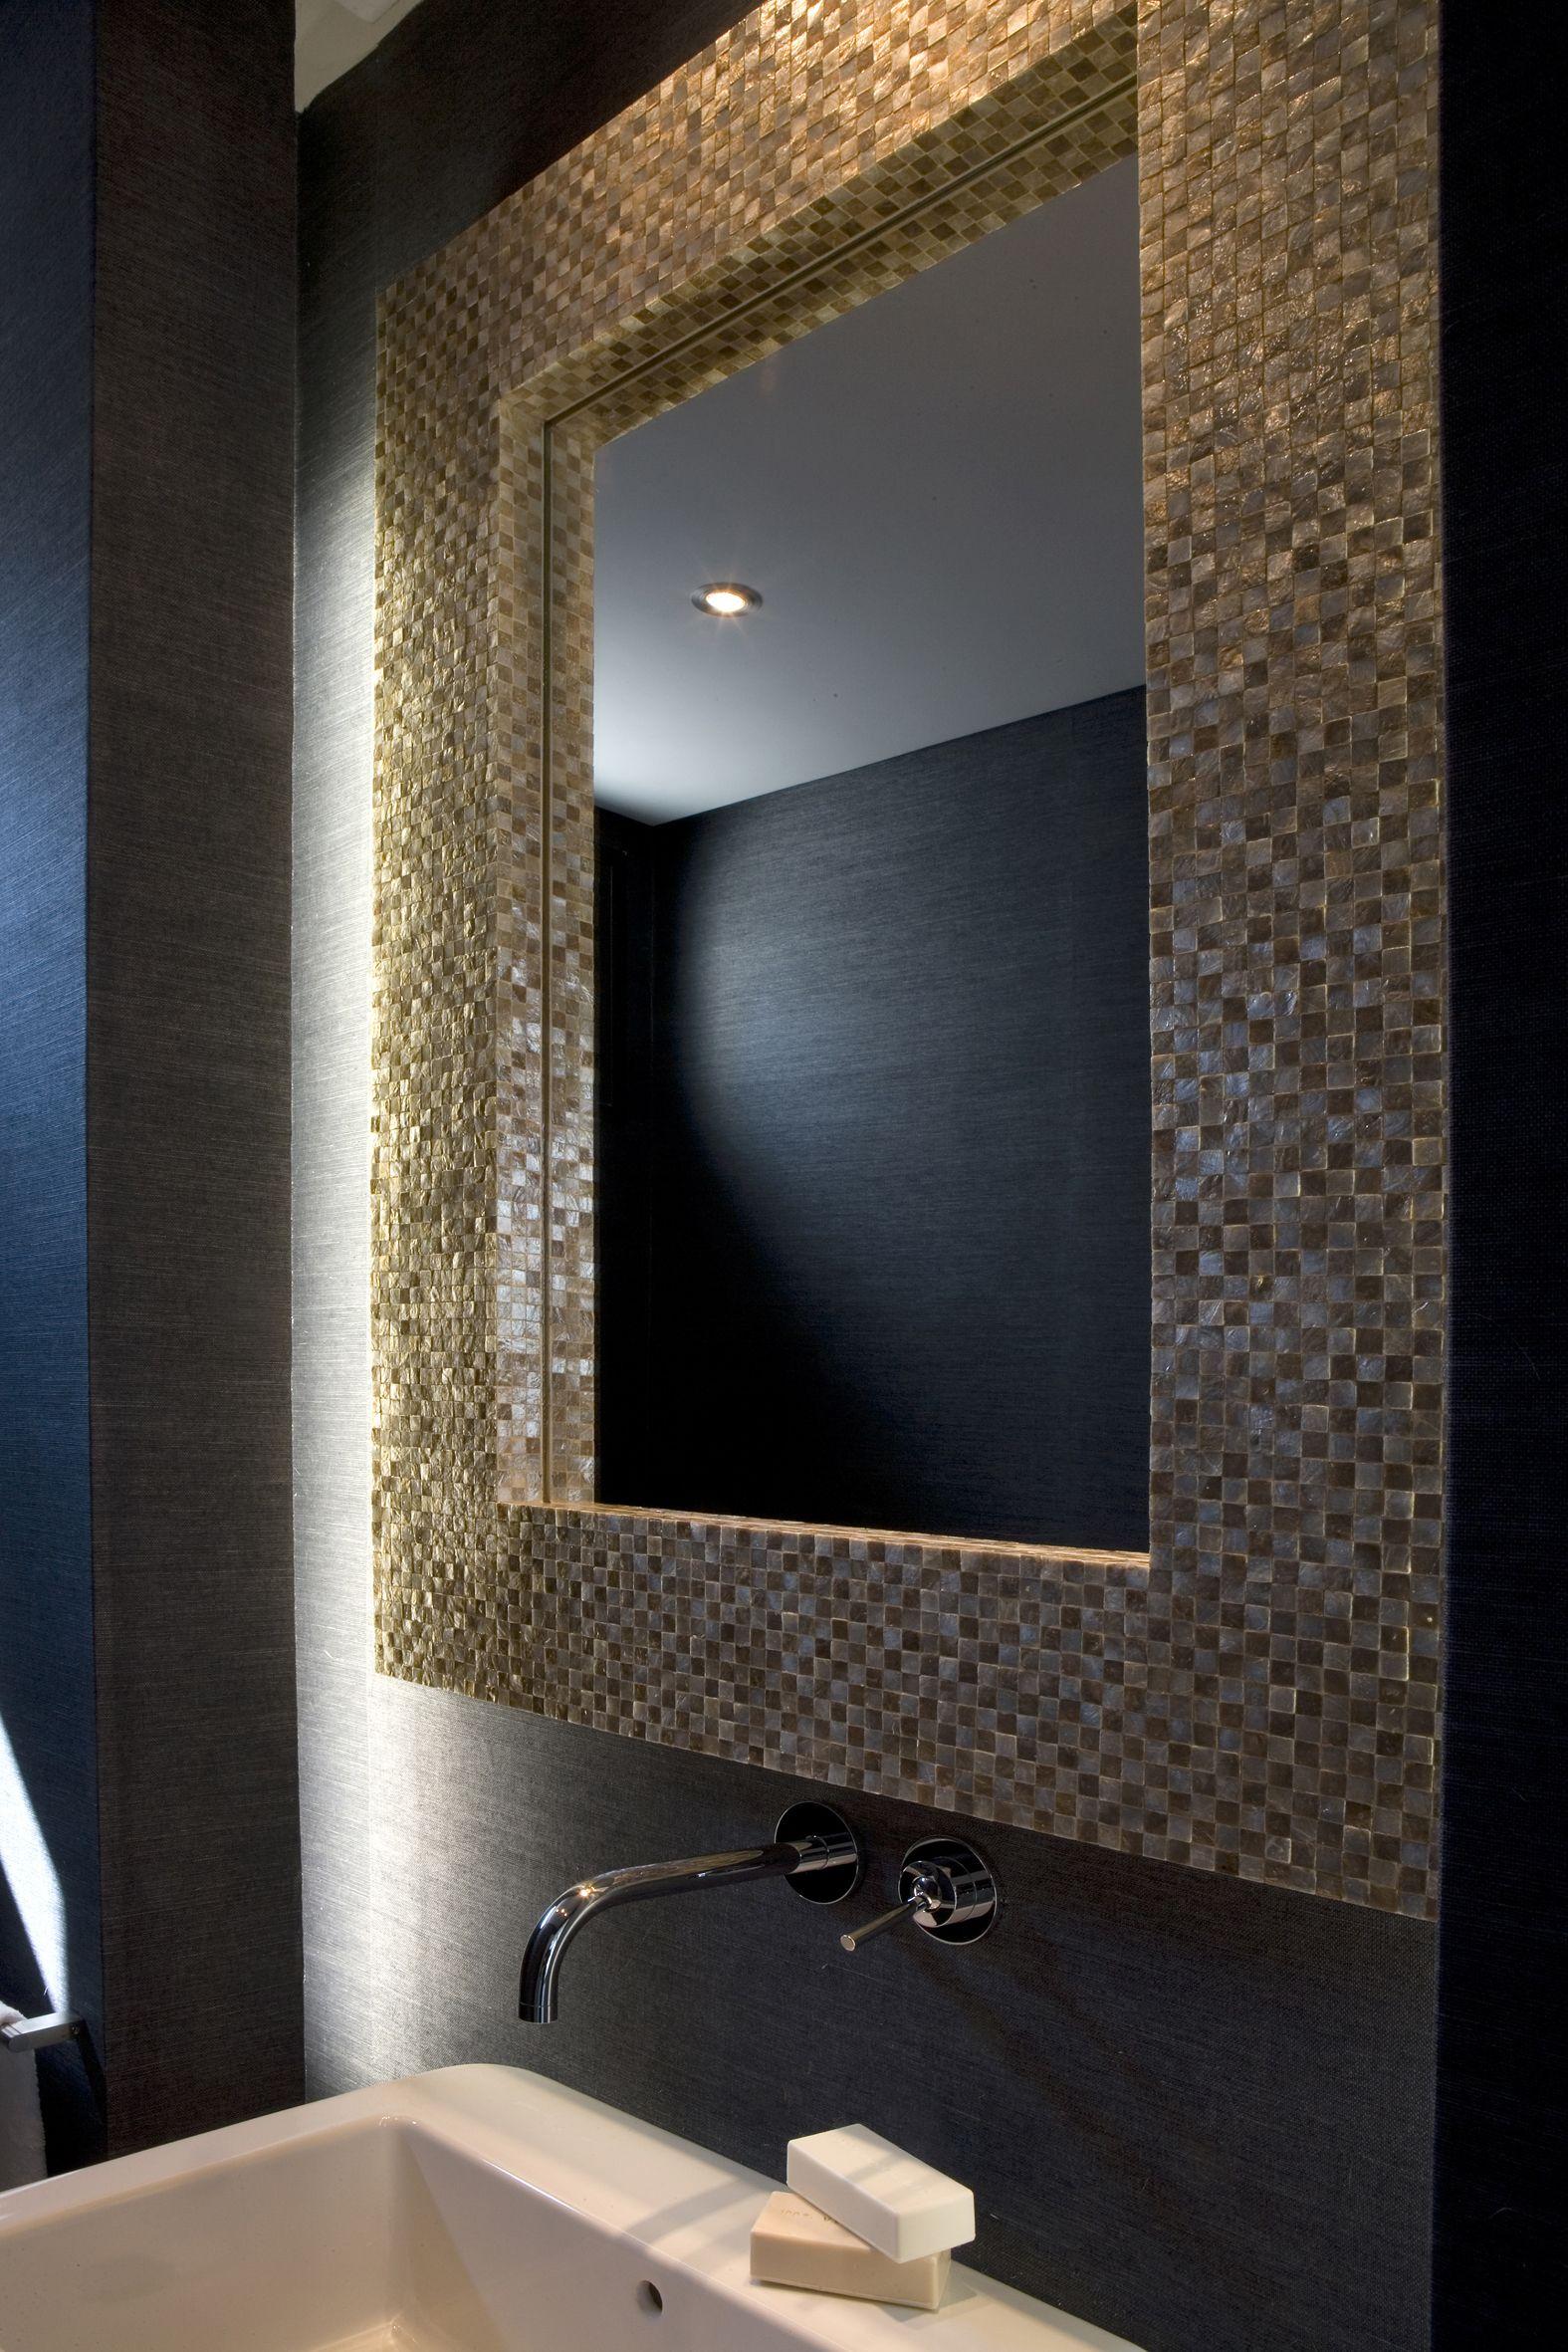 Baño cortesia con espejo en nacar y papel de rafia. Decoracion por ...